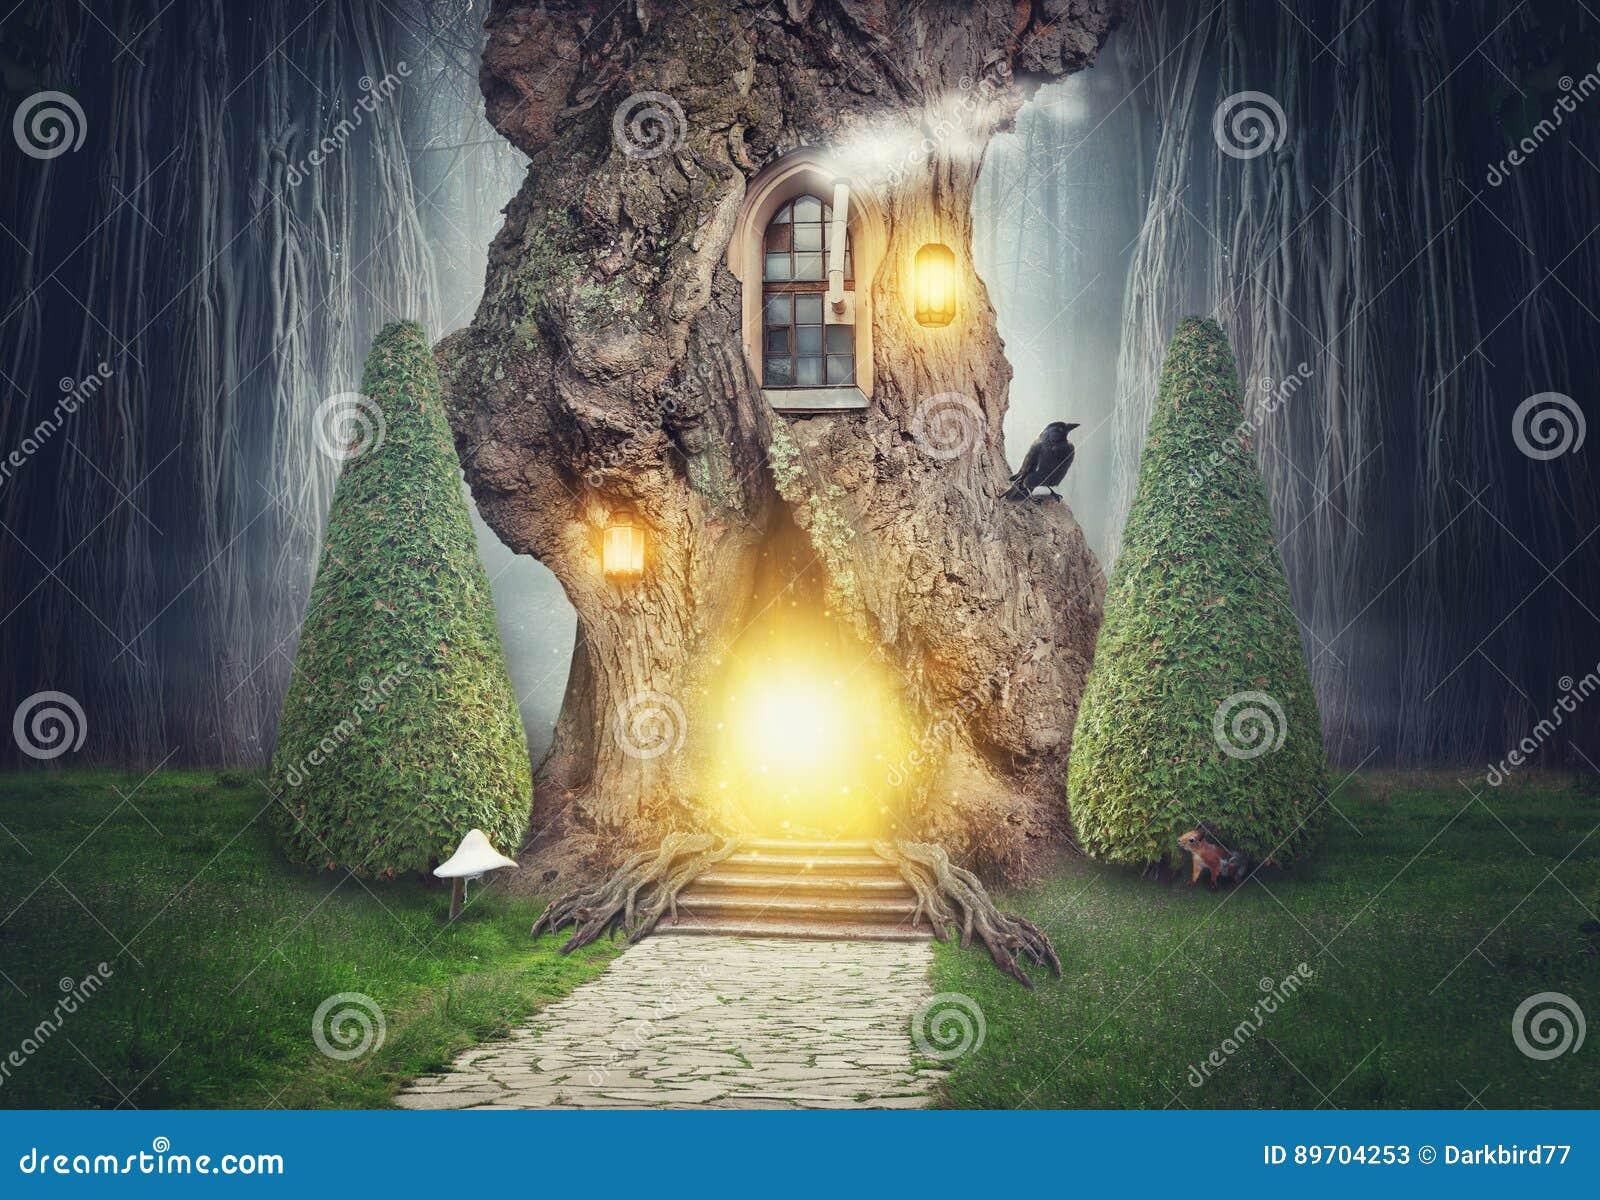 cabane dans un arbre f erique dans la for t fonc e d. Black Bedroom Furniture Sets. Home Design Ideas